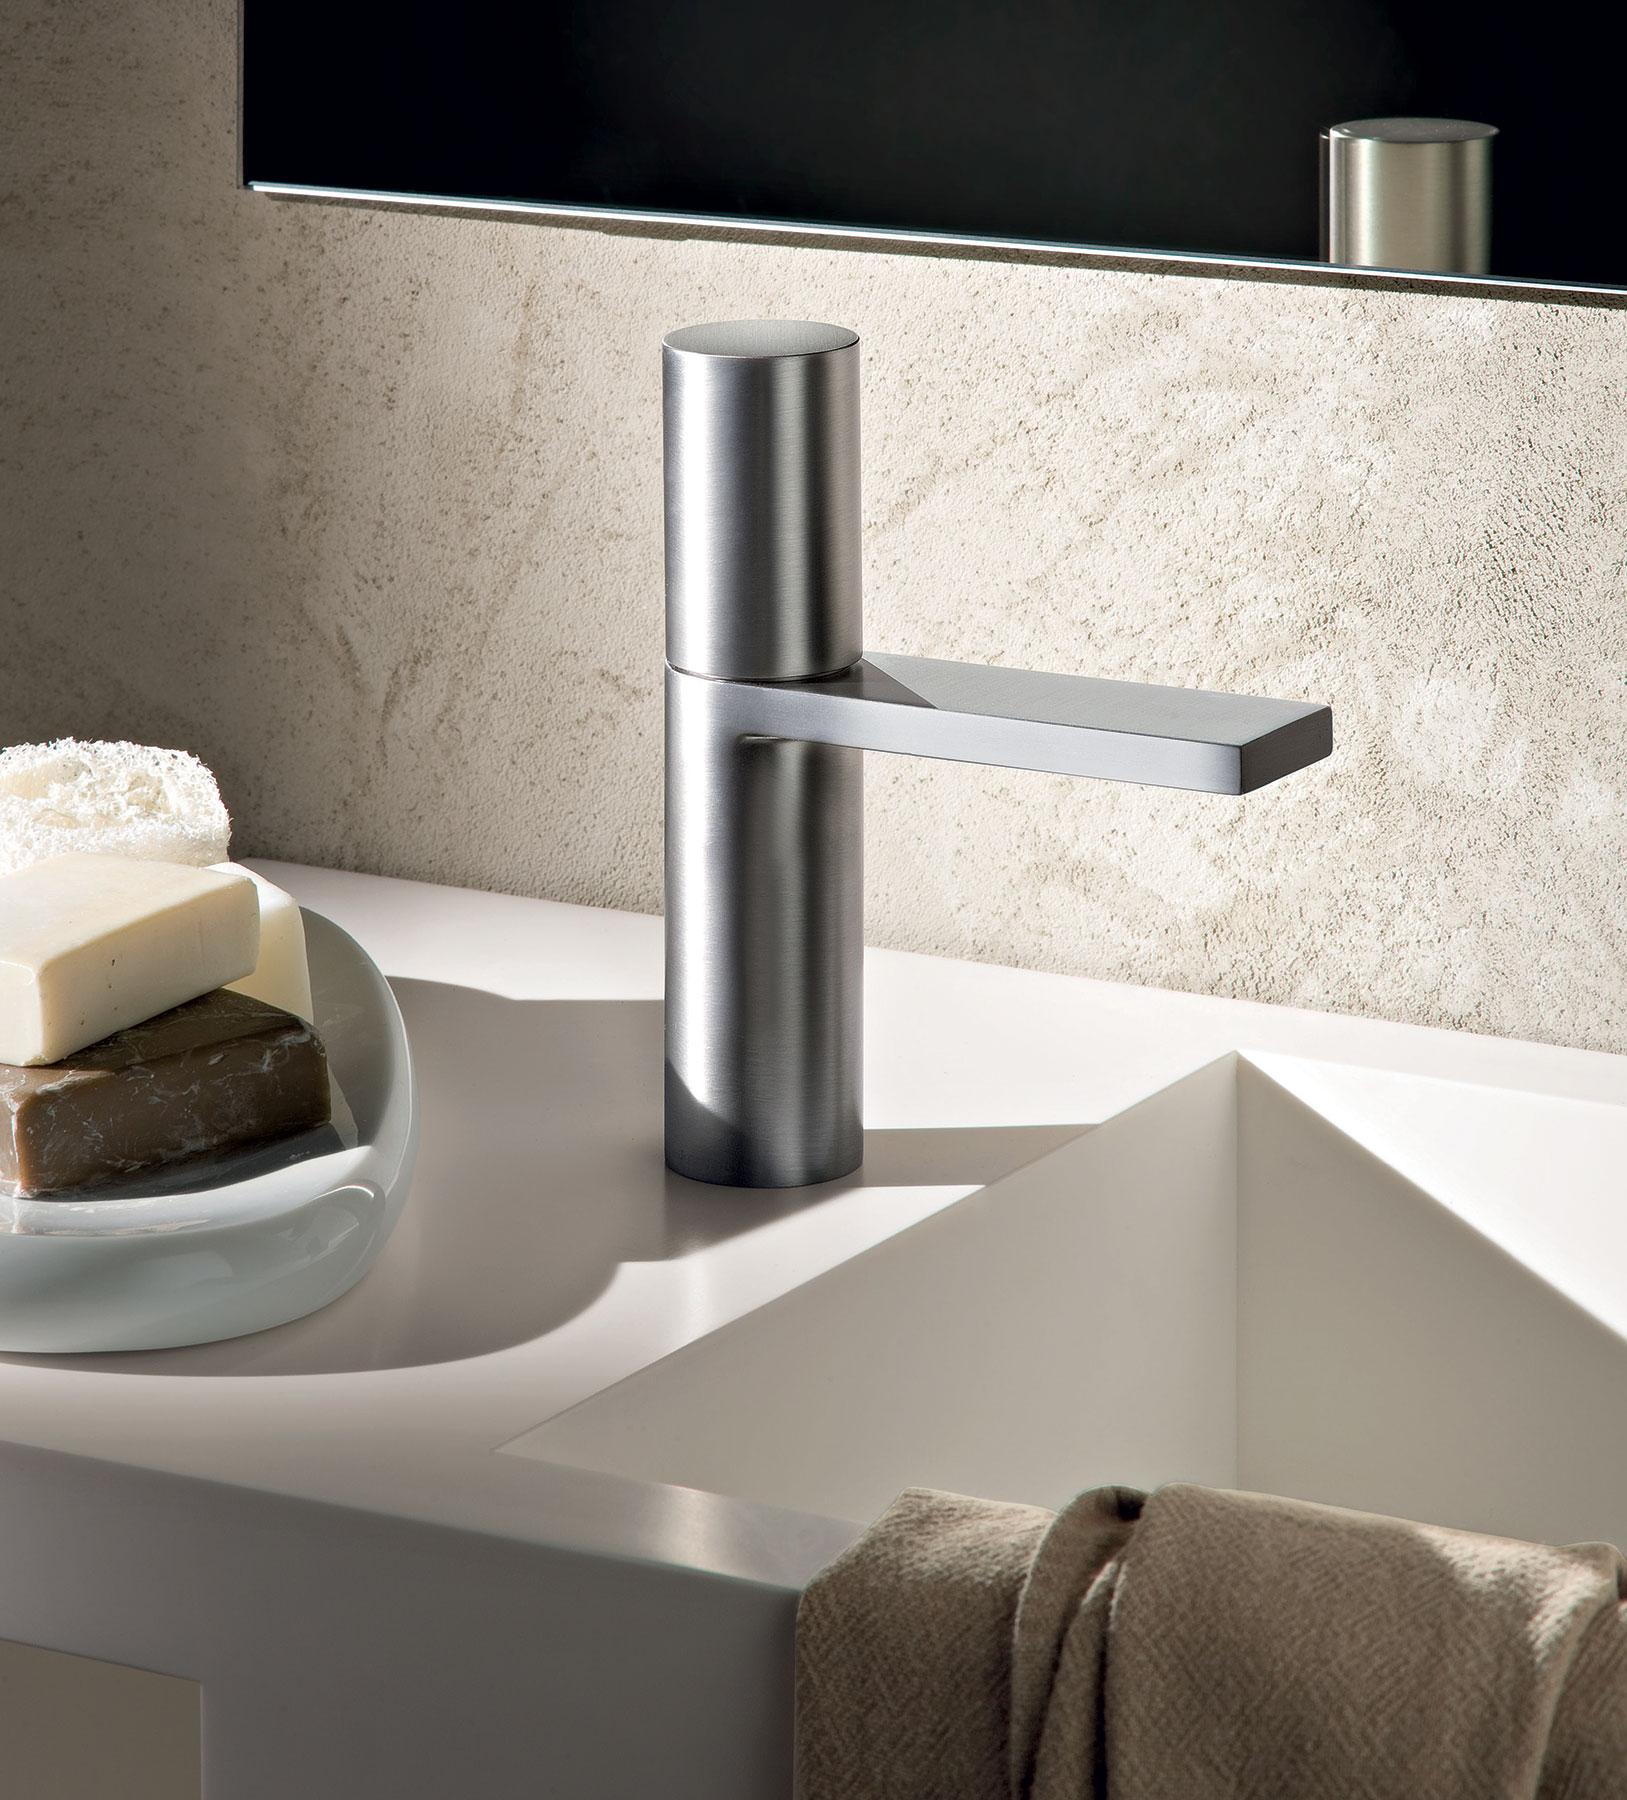 Contemporary Milano Deck Mount Faucet